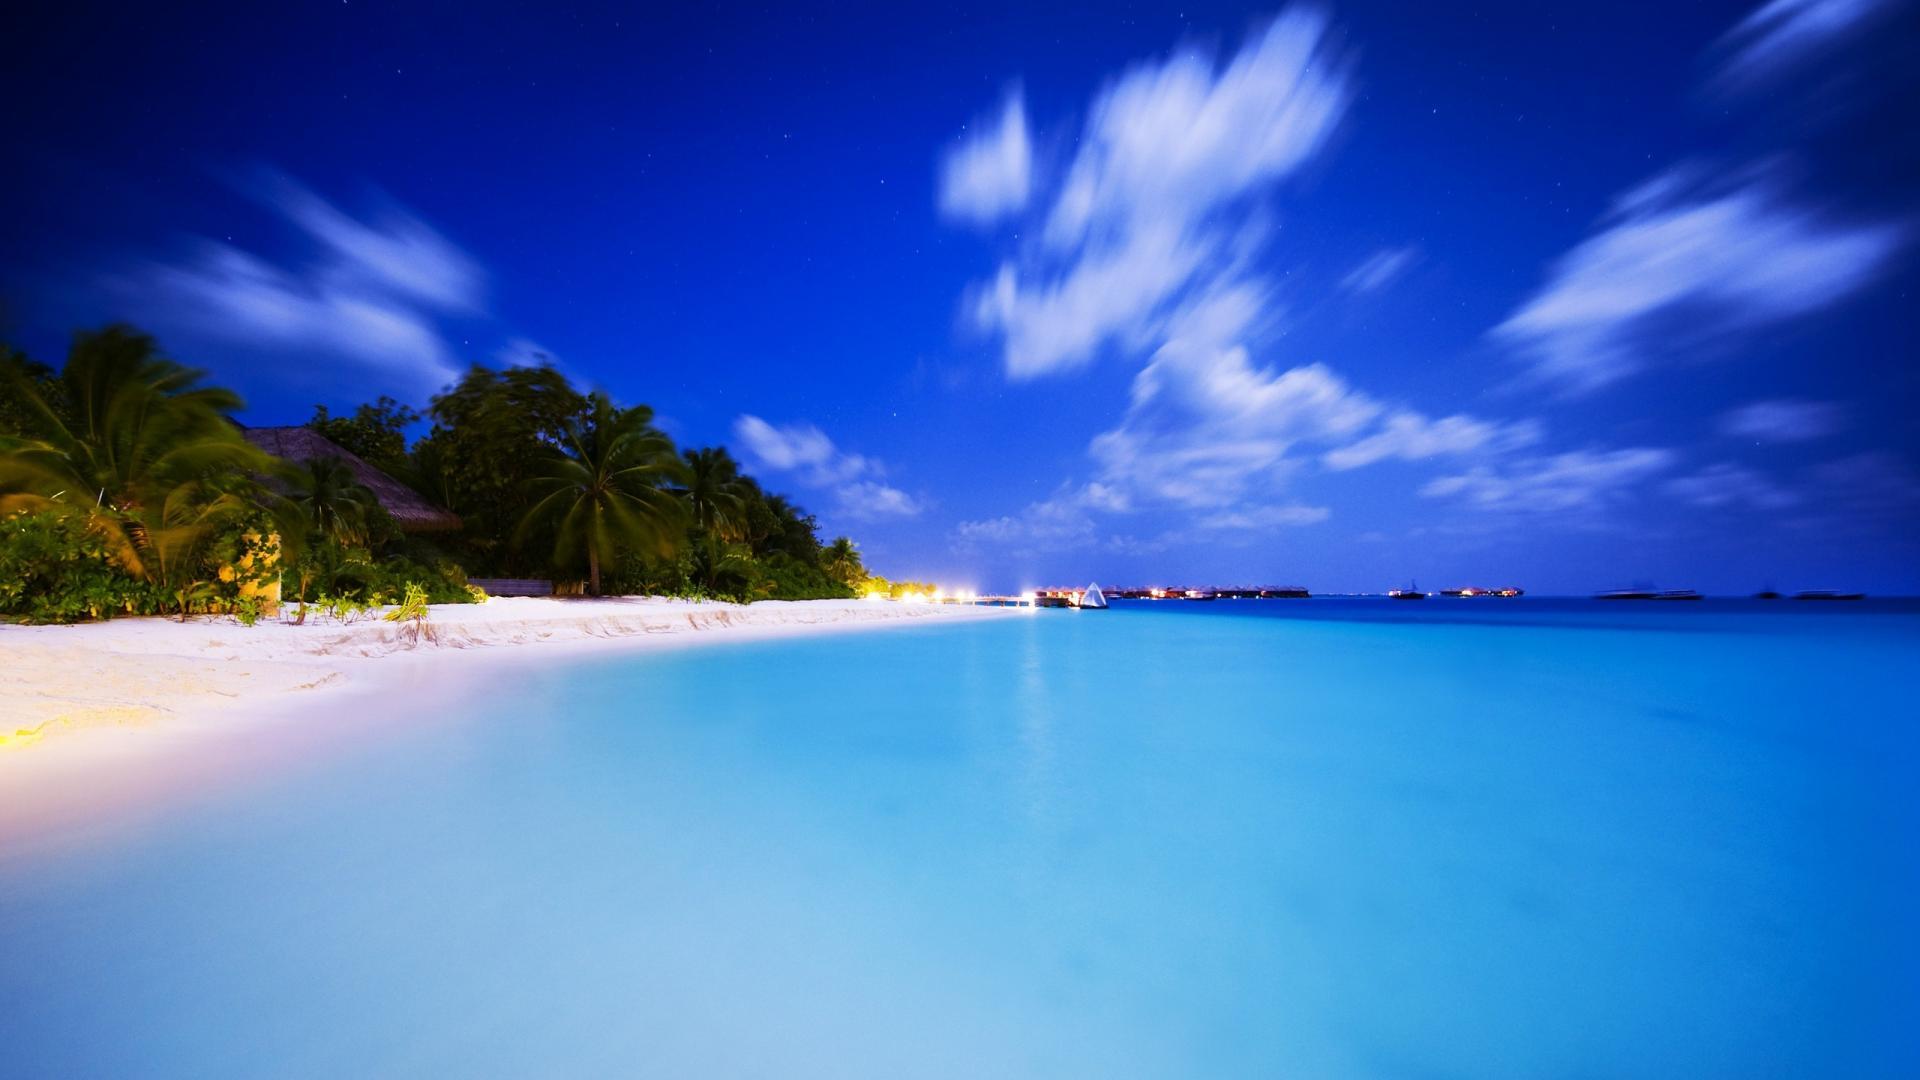 Ocean Beach Desktop Wallpapers   Top Ocean Beach Desktop 1920x1080